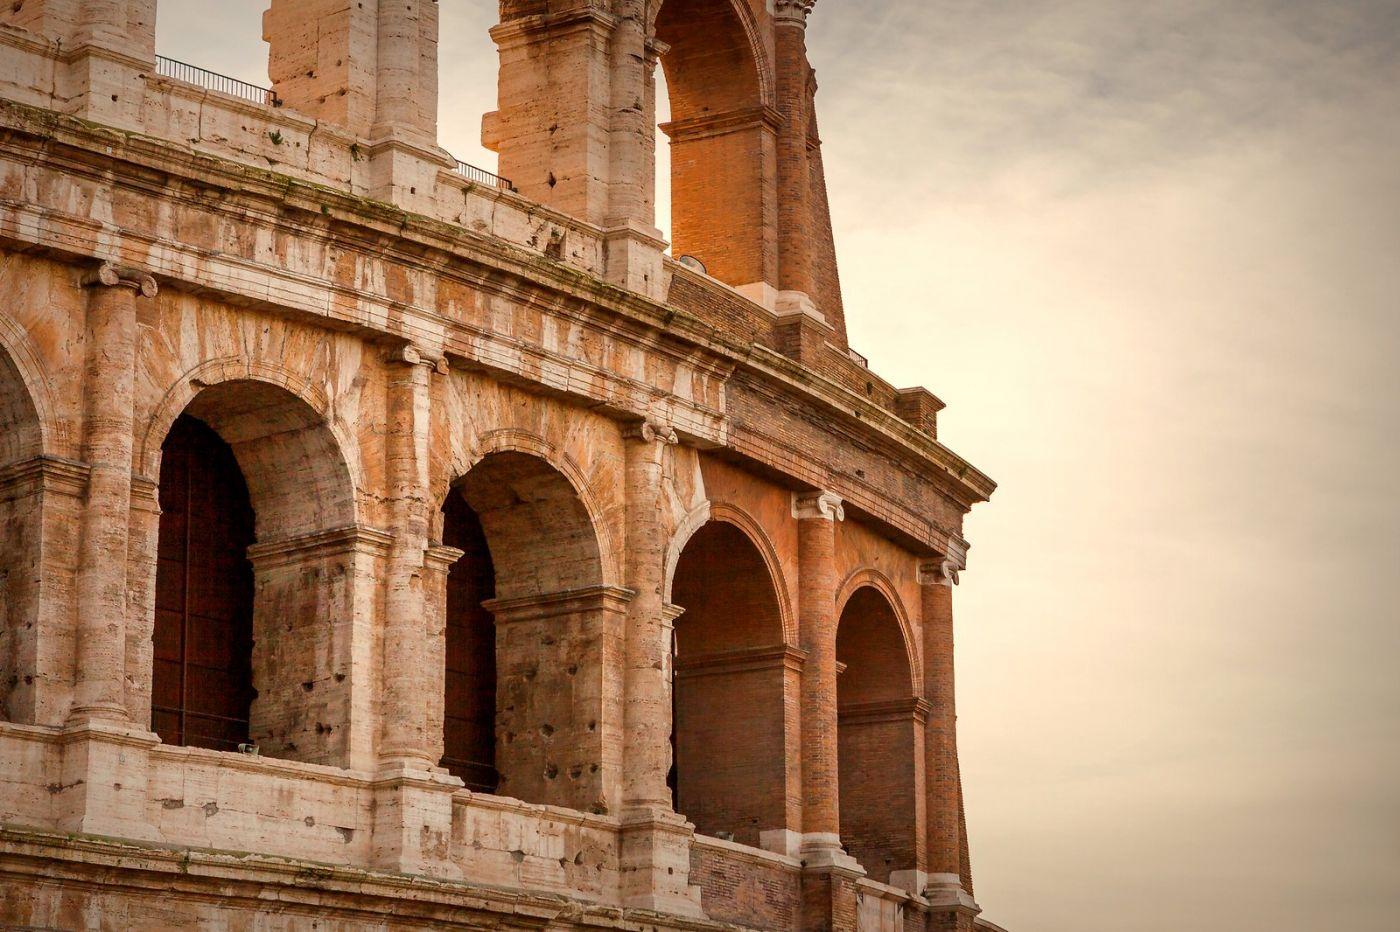 罗马斗兽场(Colosseum), 两千年的宏大建筑古迹_图1-28